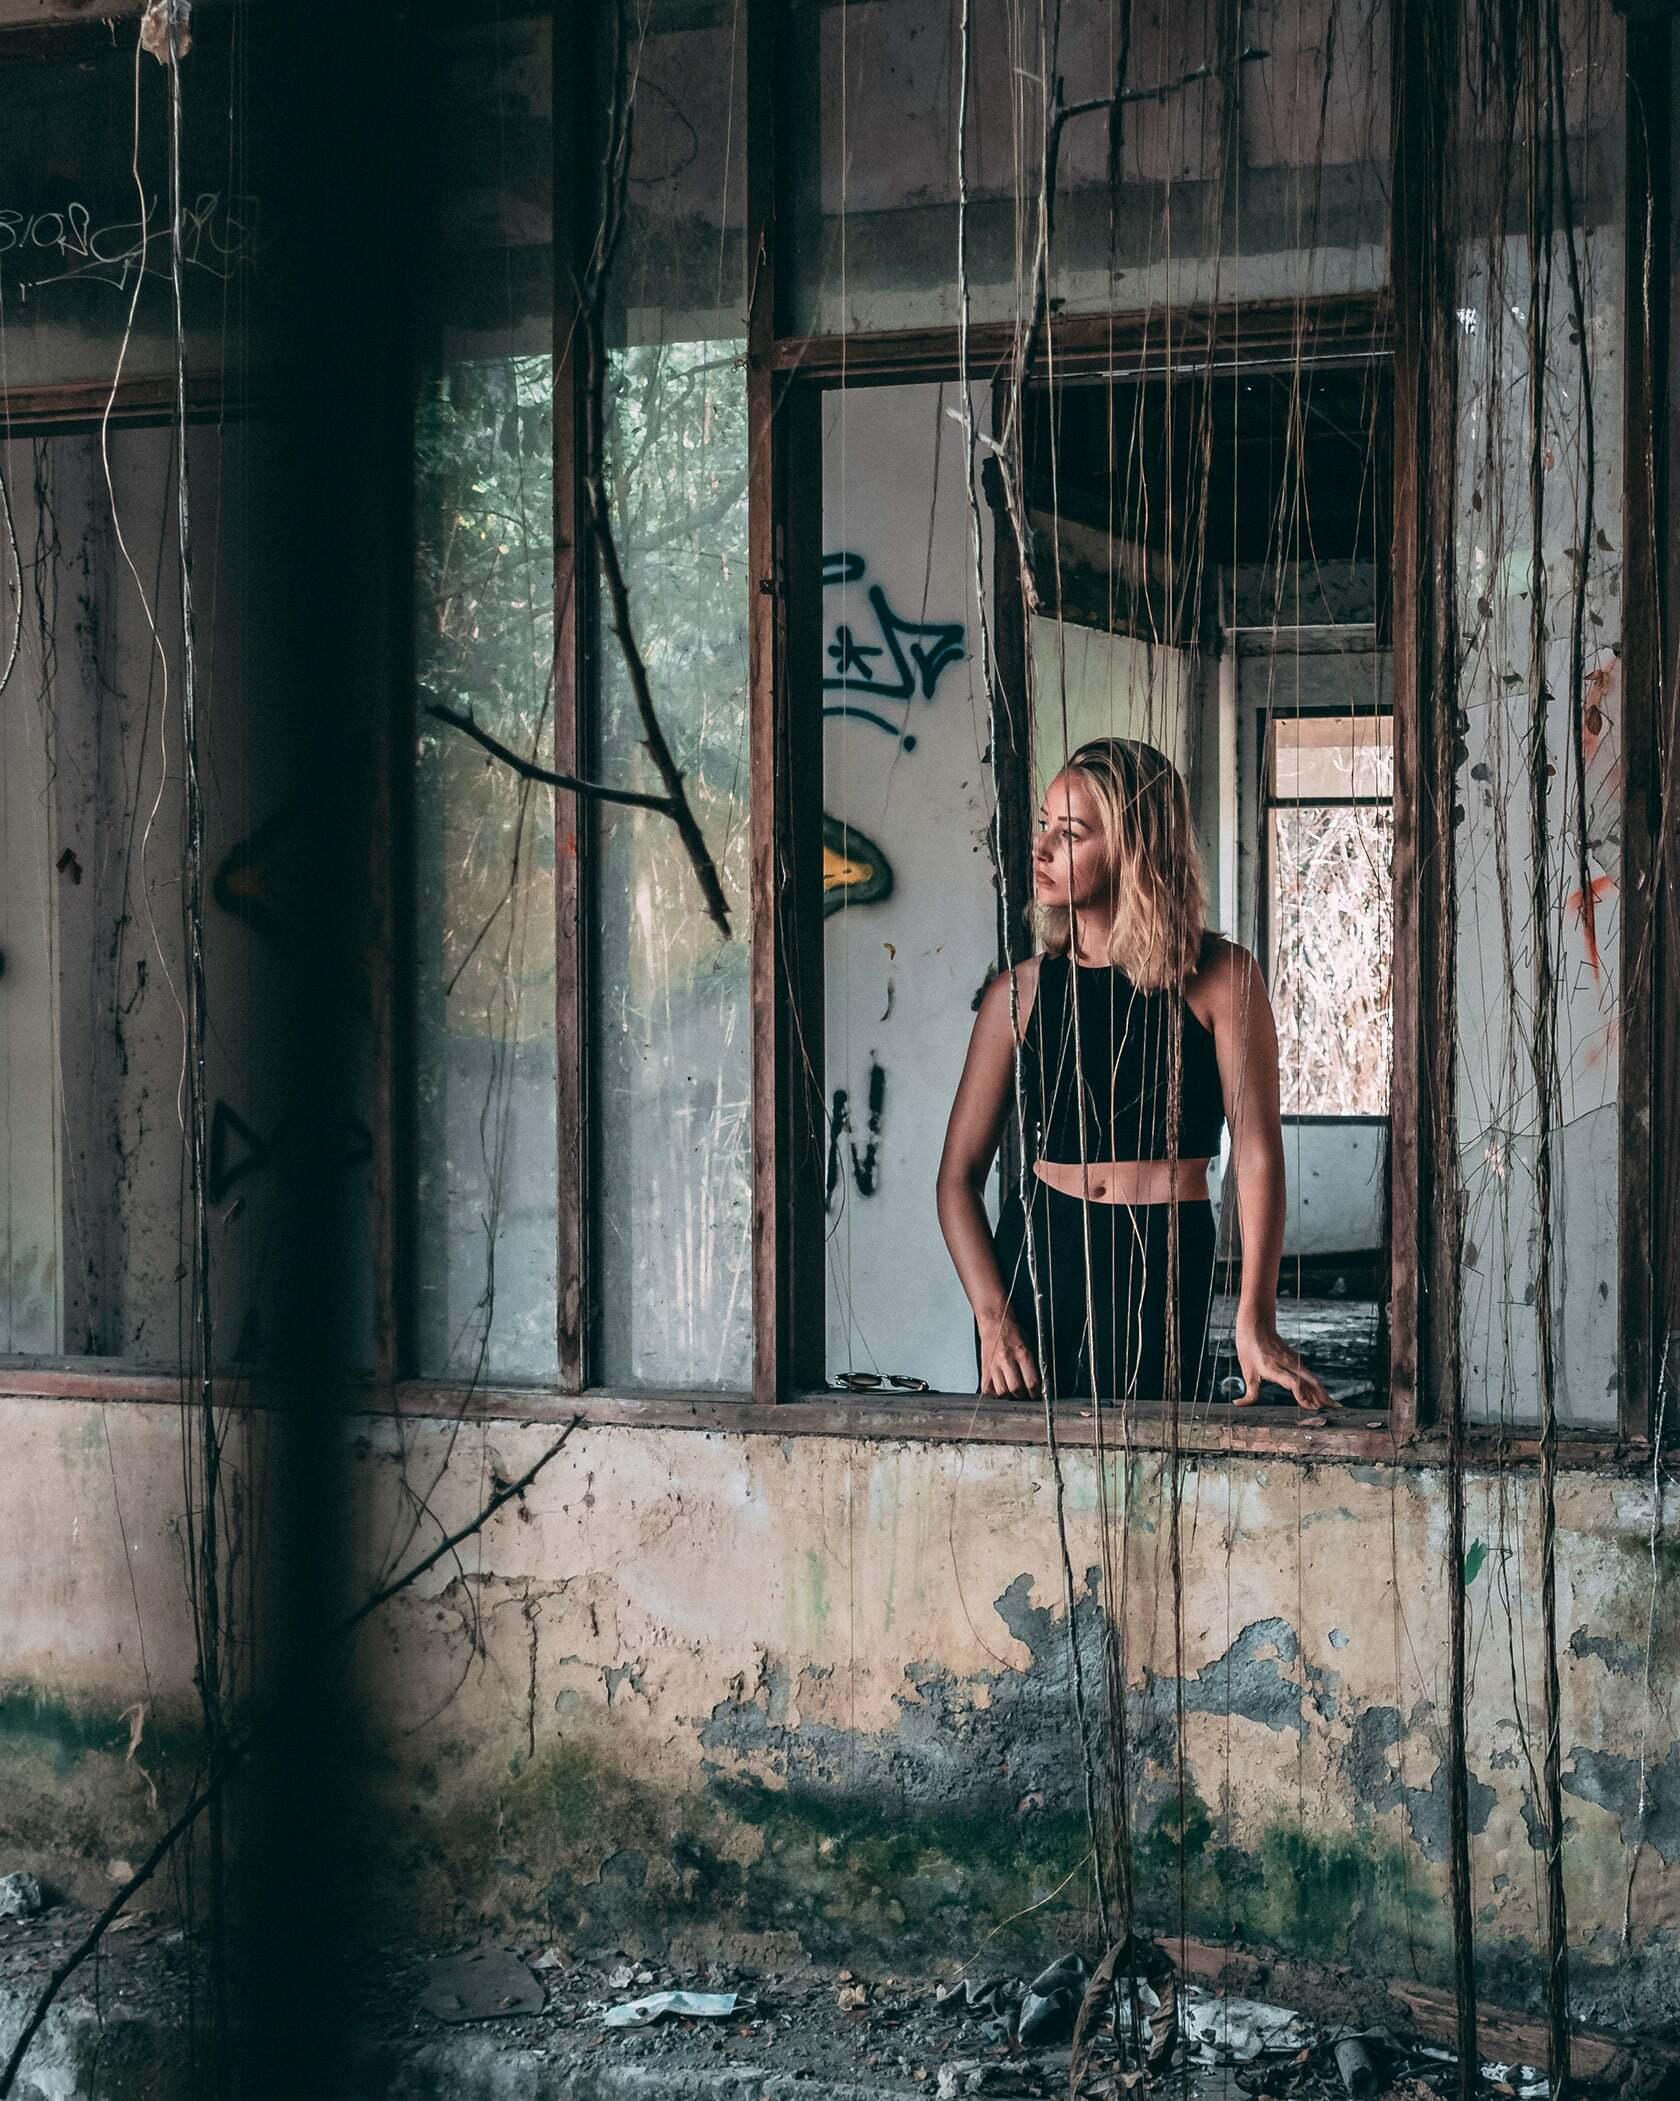 Foto van persoon in een vervallen gebouw uit fotografie collectie mensen van Simon Wijers